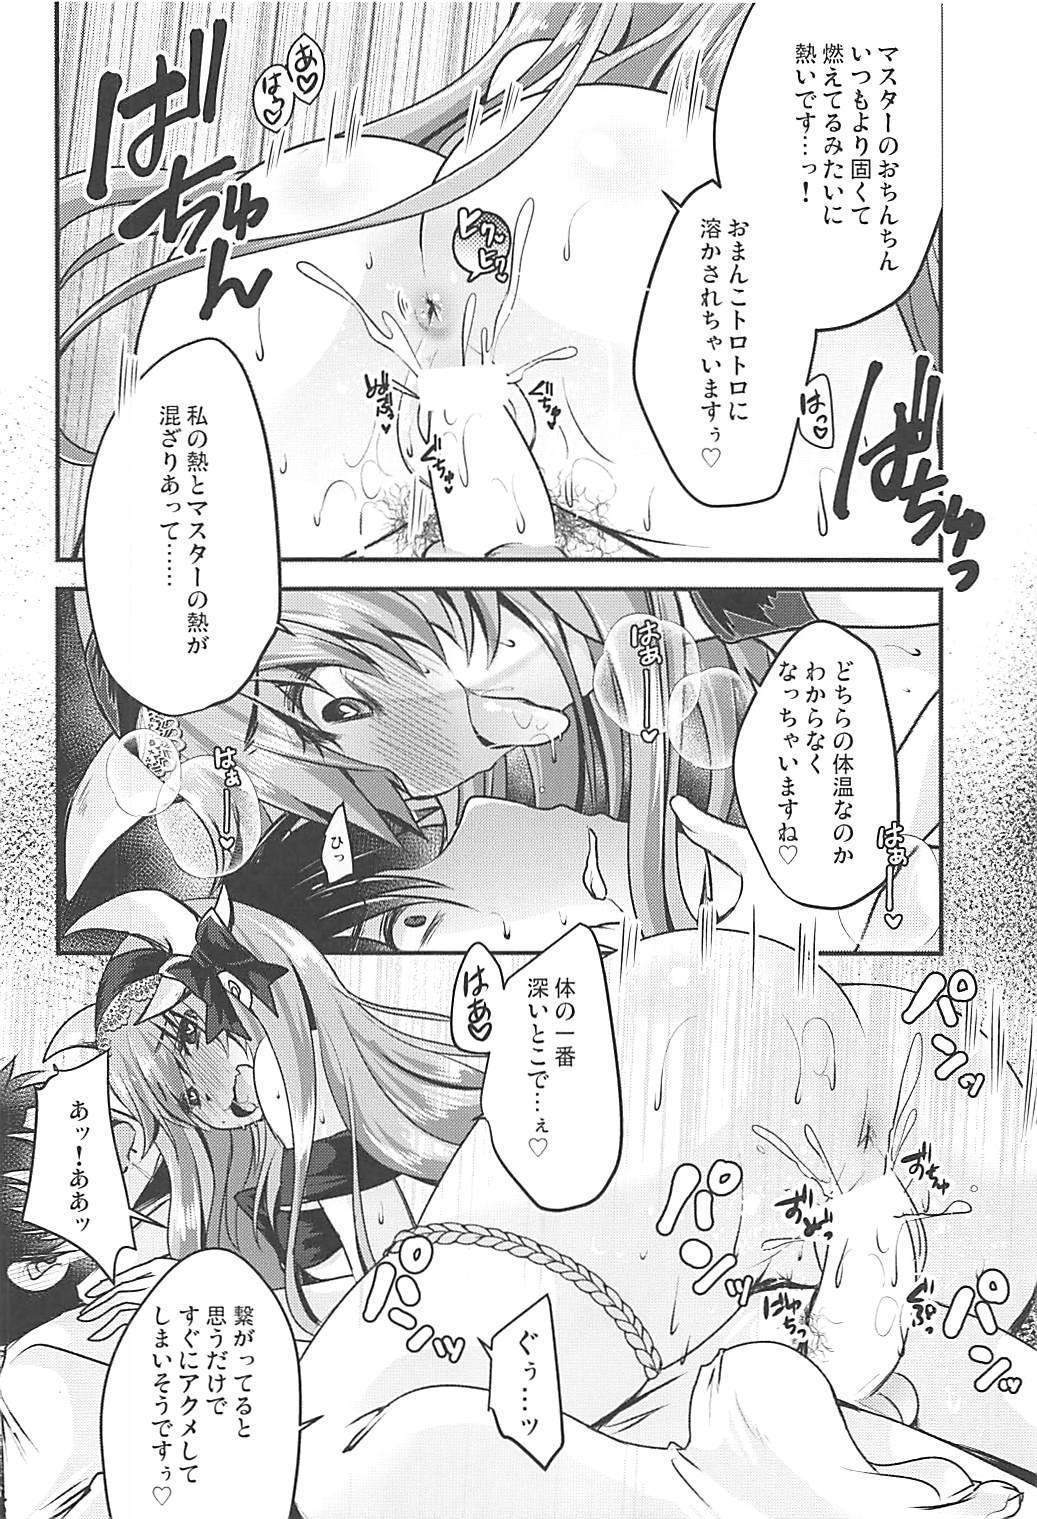 Meshiagare 8